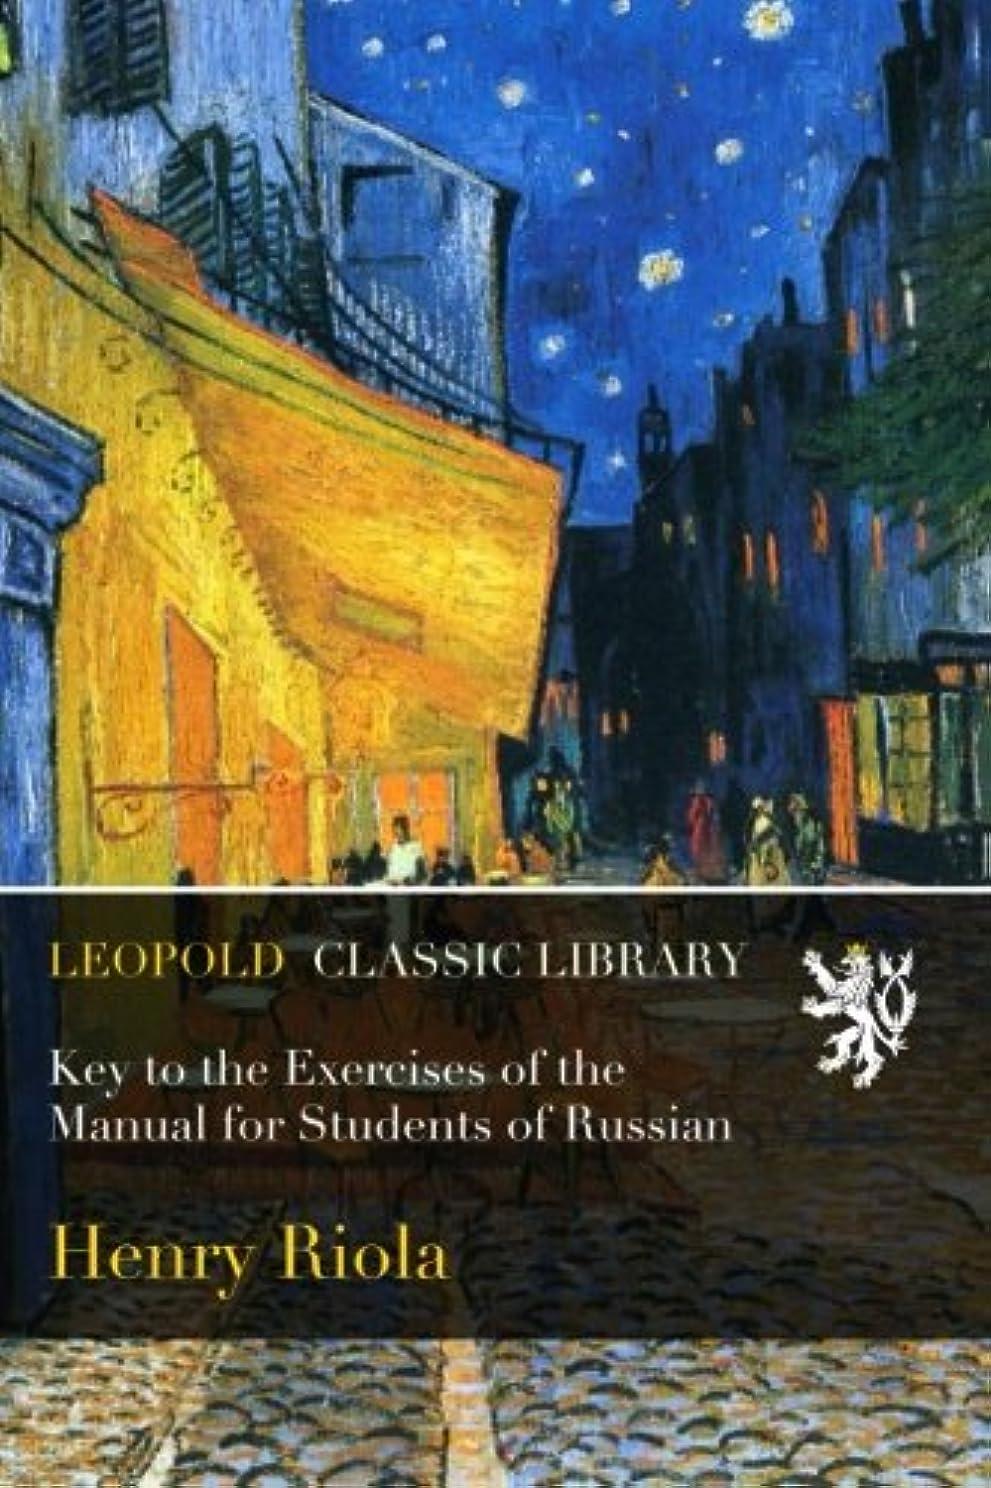 ピザハブブジョセフバンクスKey to the Exercises of the Manual for Students of Russian